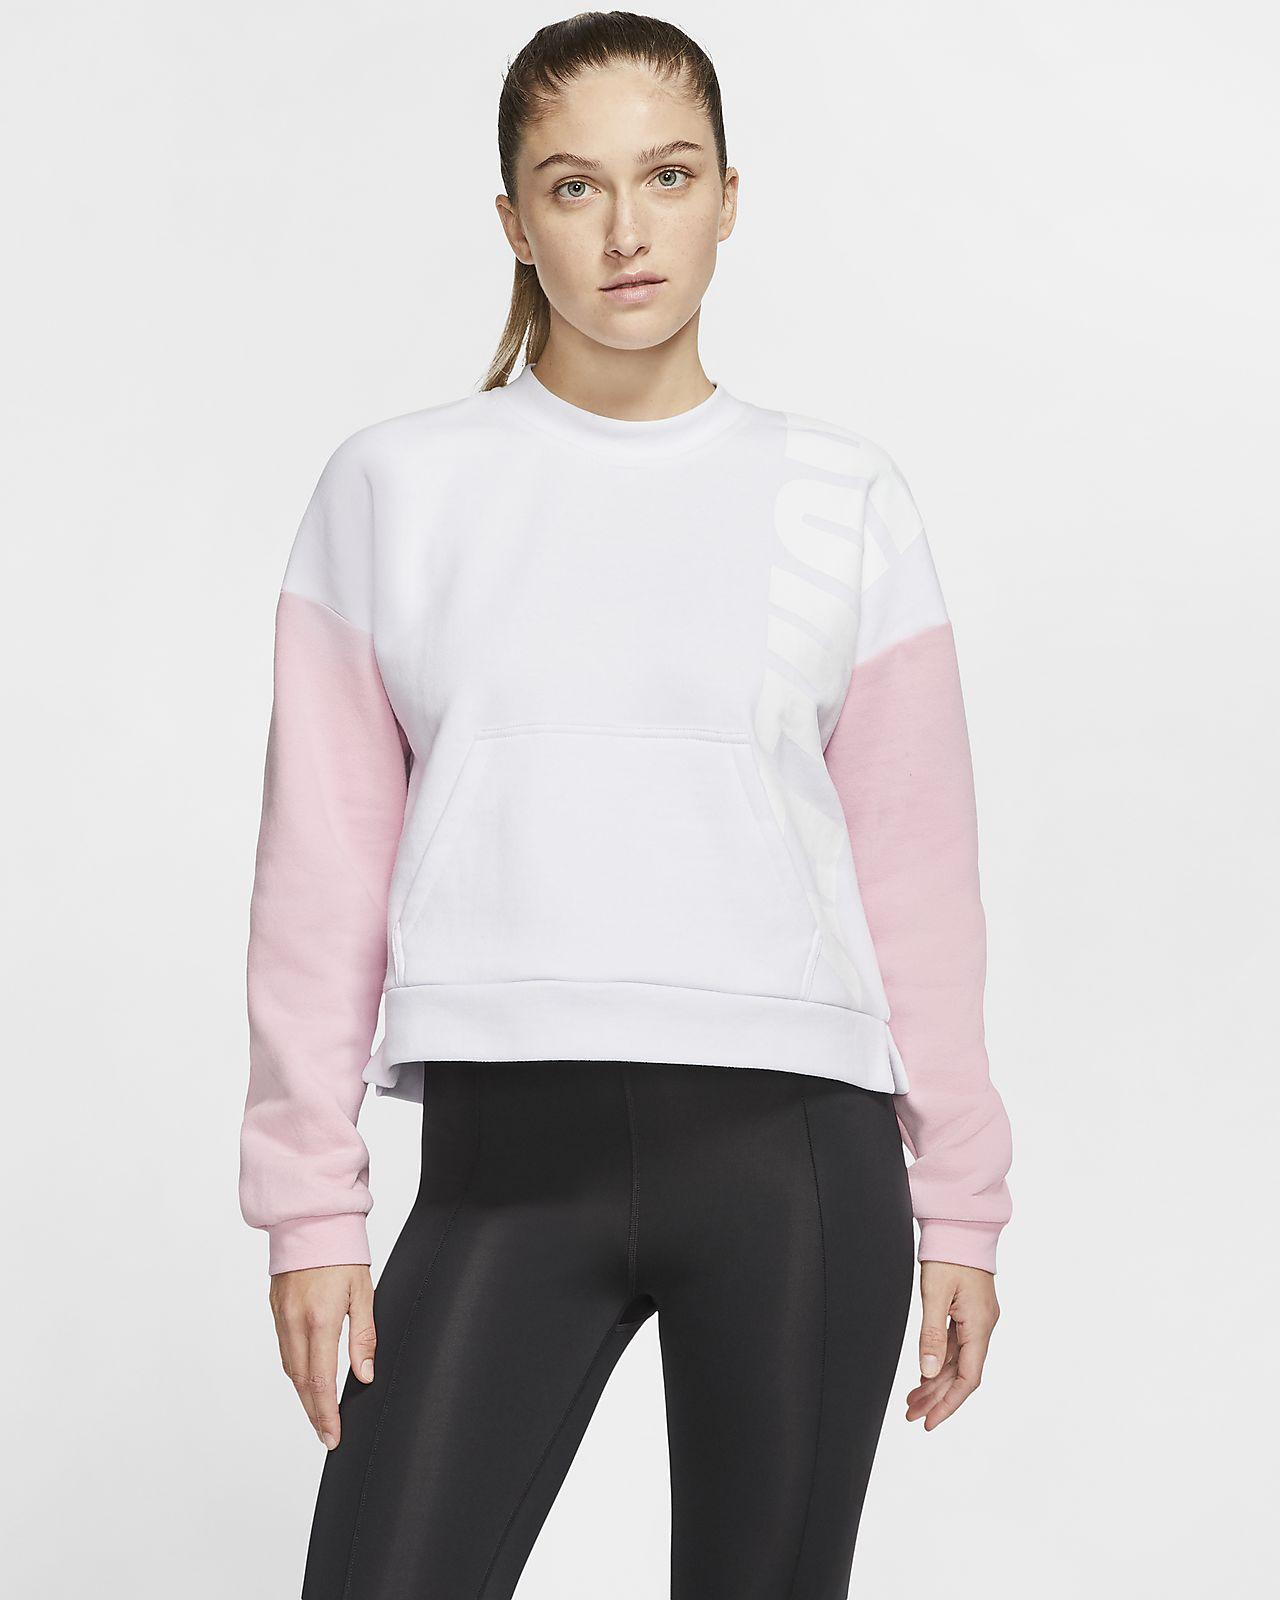 Hurley Sport Block Women's Fleece Crew